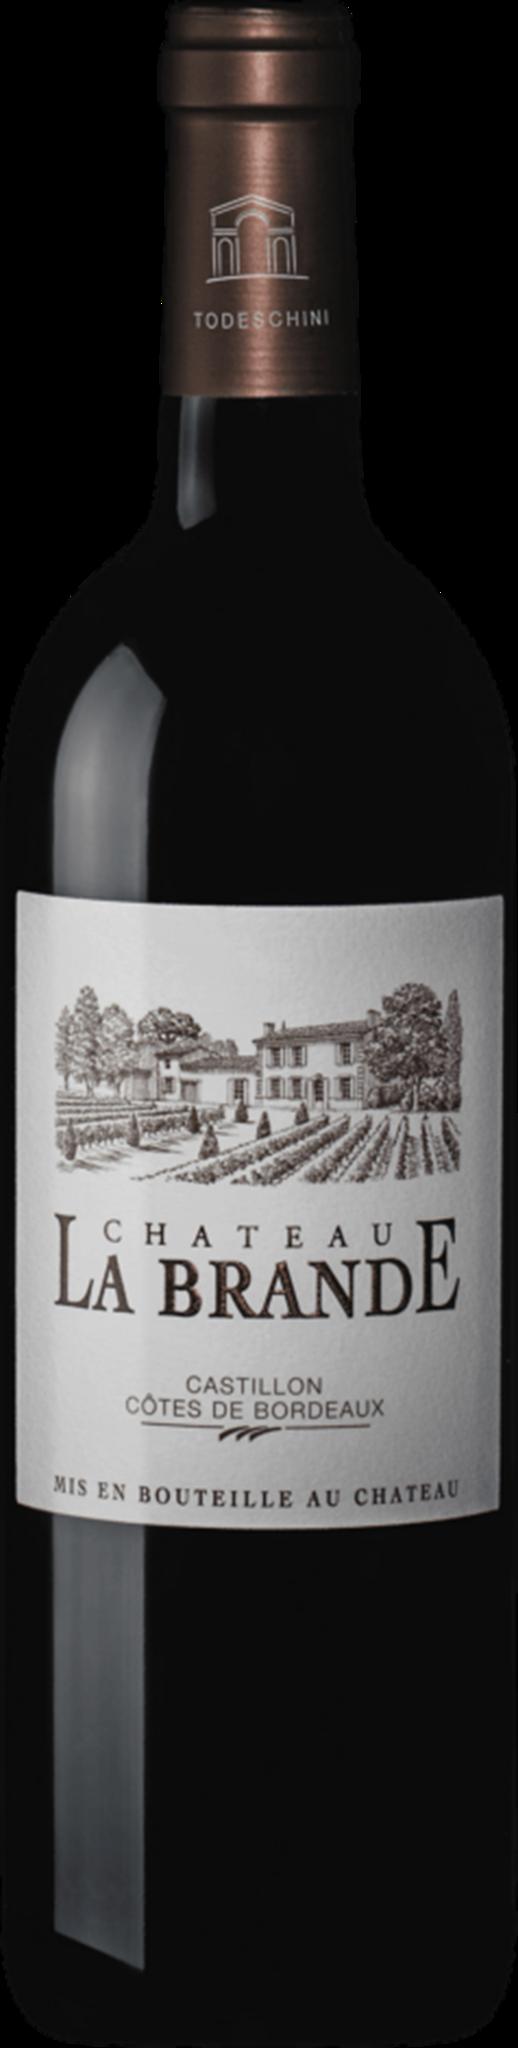 Chateau La Brande Castillon Cotes de Bordeaux 2015 750mL